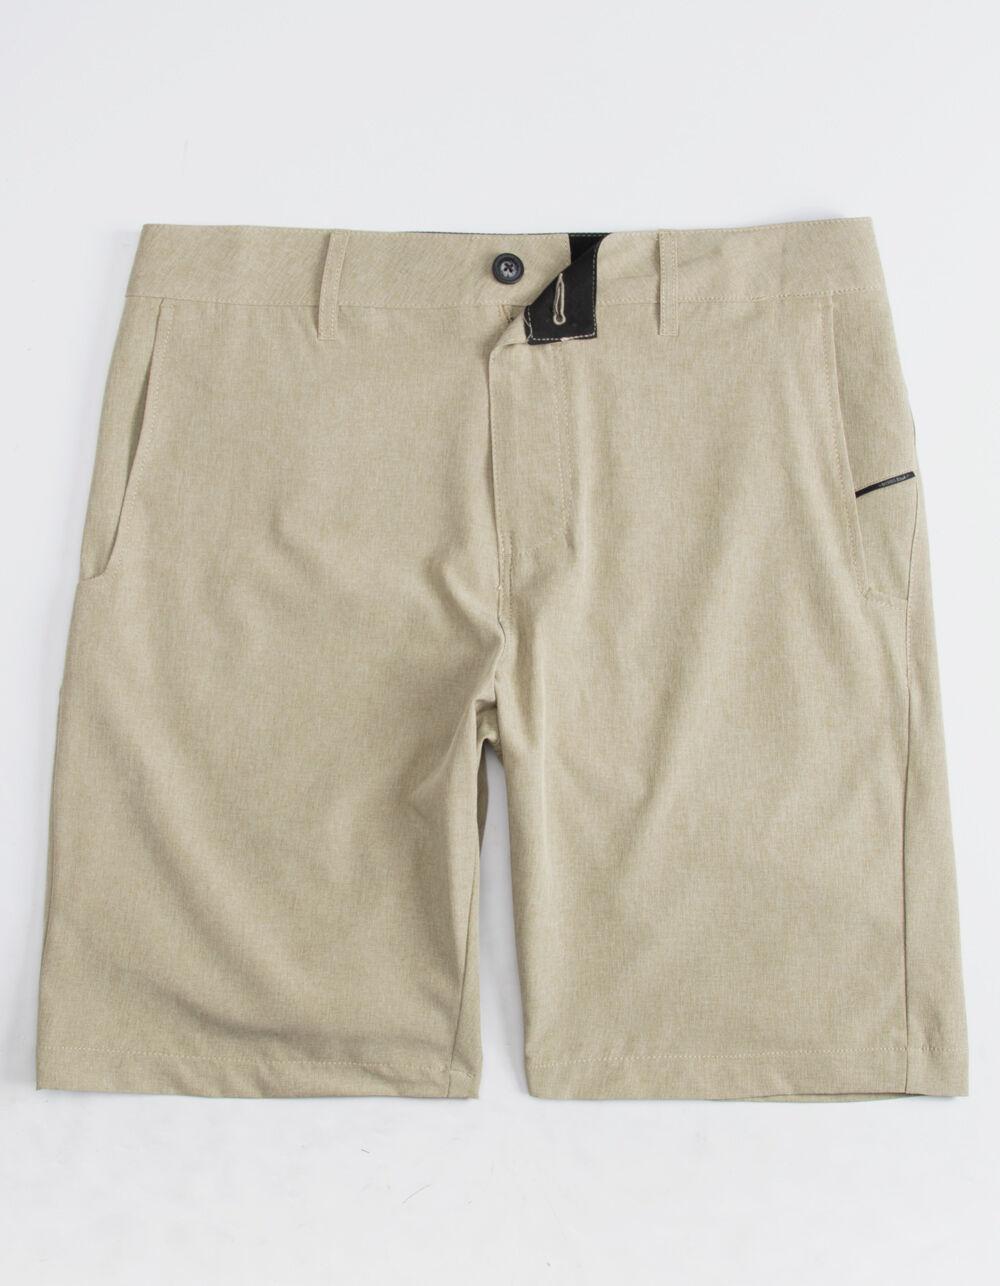 NITROUS BLACK Format Light Tan Hybrid Shorts